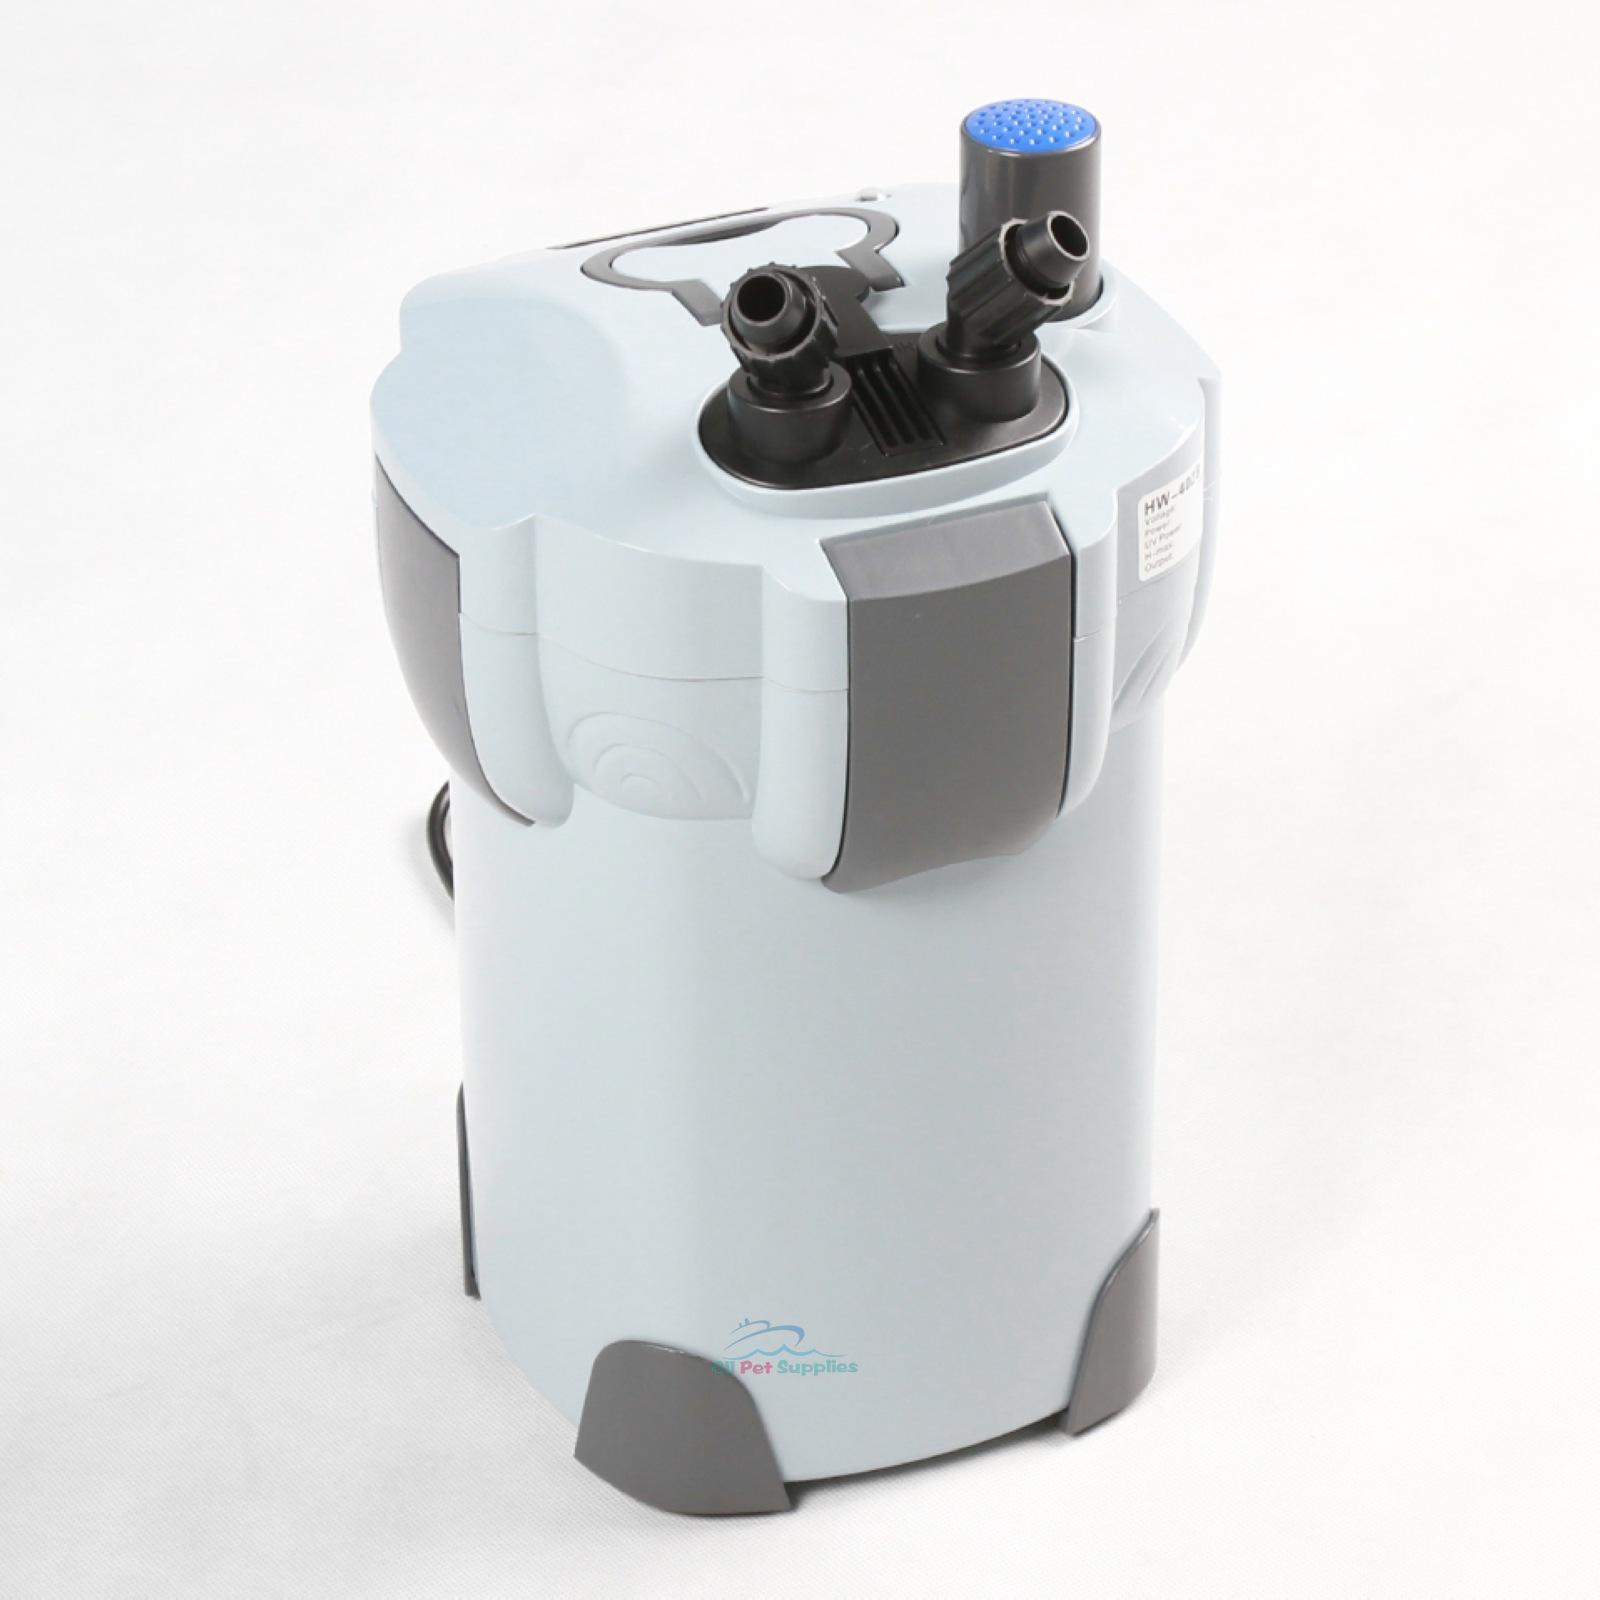 new 3 stage aquarium canister filter 9w uv sterilizer 265 gph fresh salt. Black Bedroom Furniture Sets. Home Design Ideas